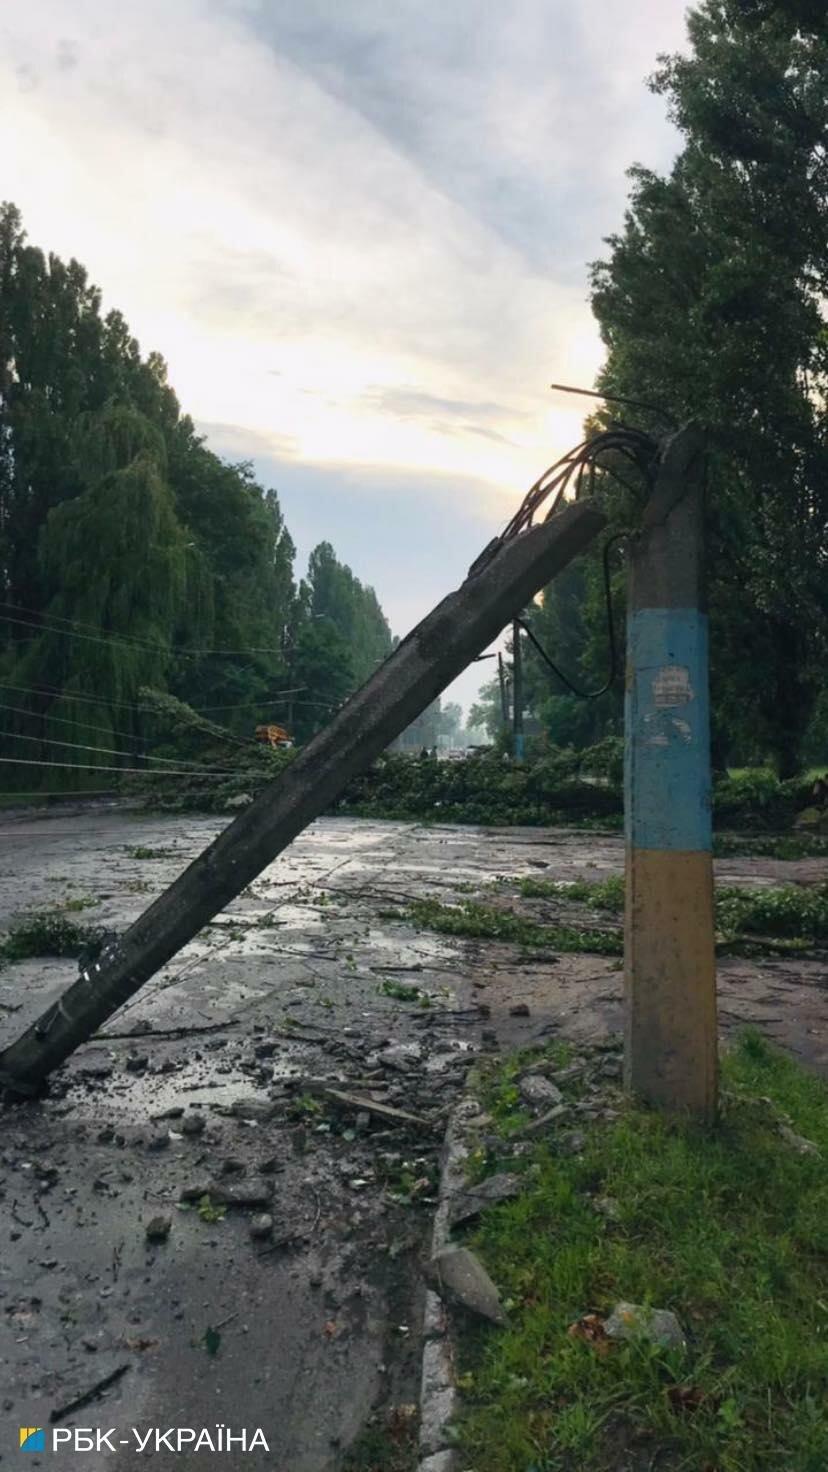 Поваленные деревья, затопленные улицы и пострадавший мужчина: Житомир накрыла непогода